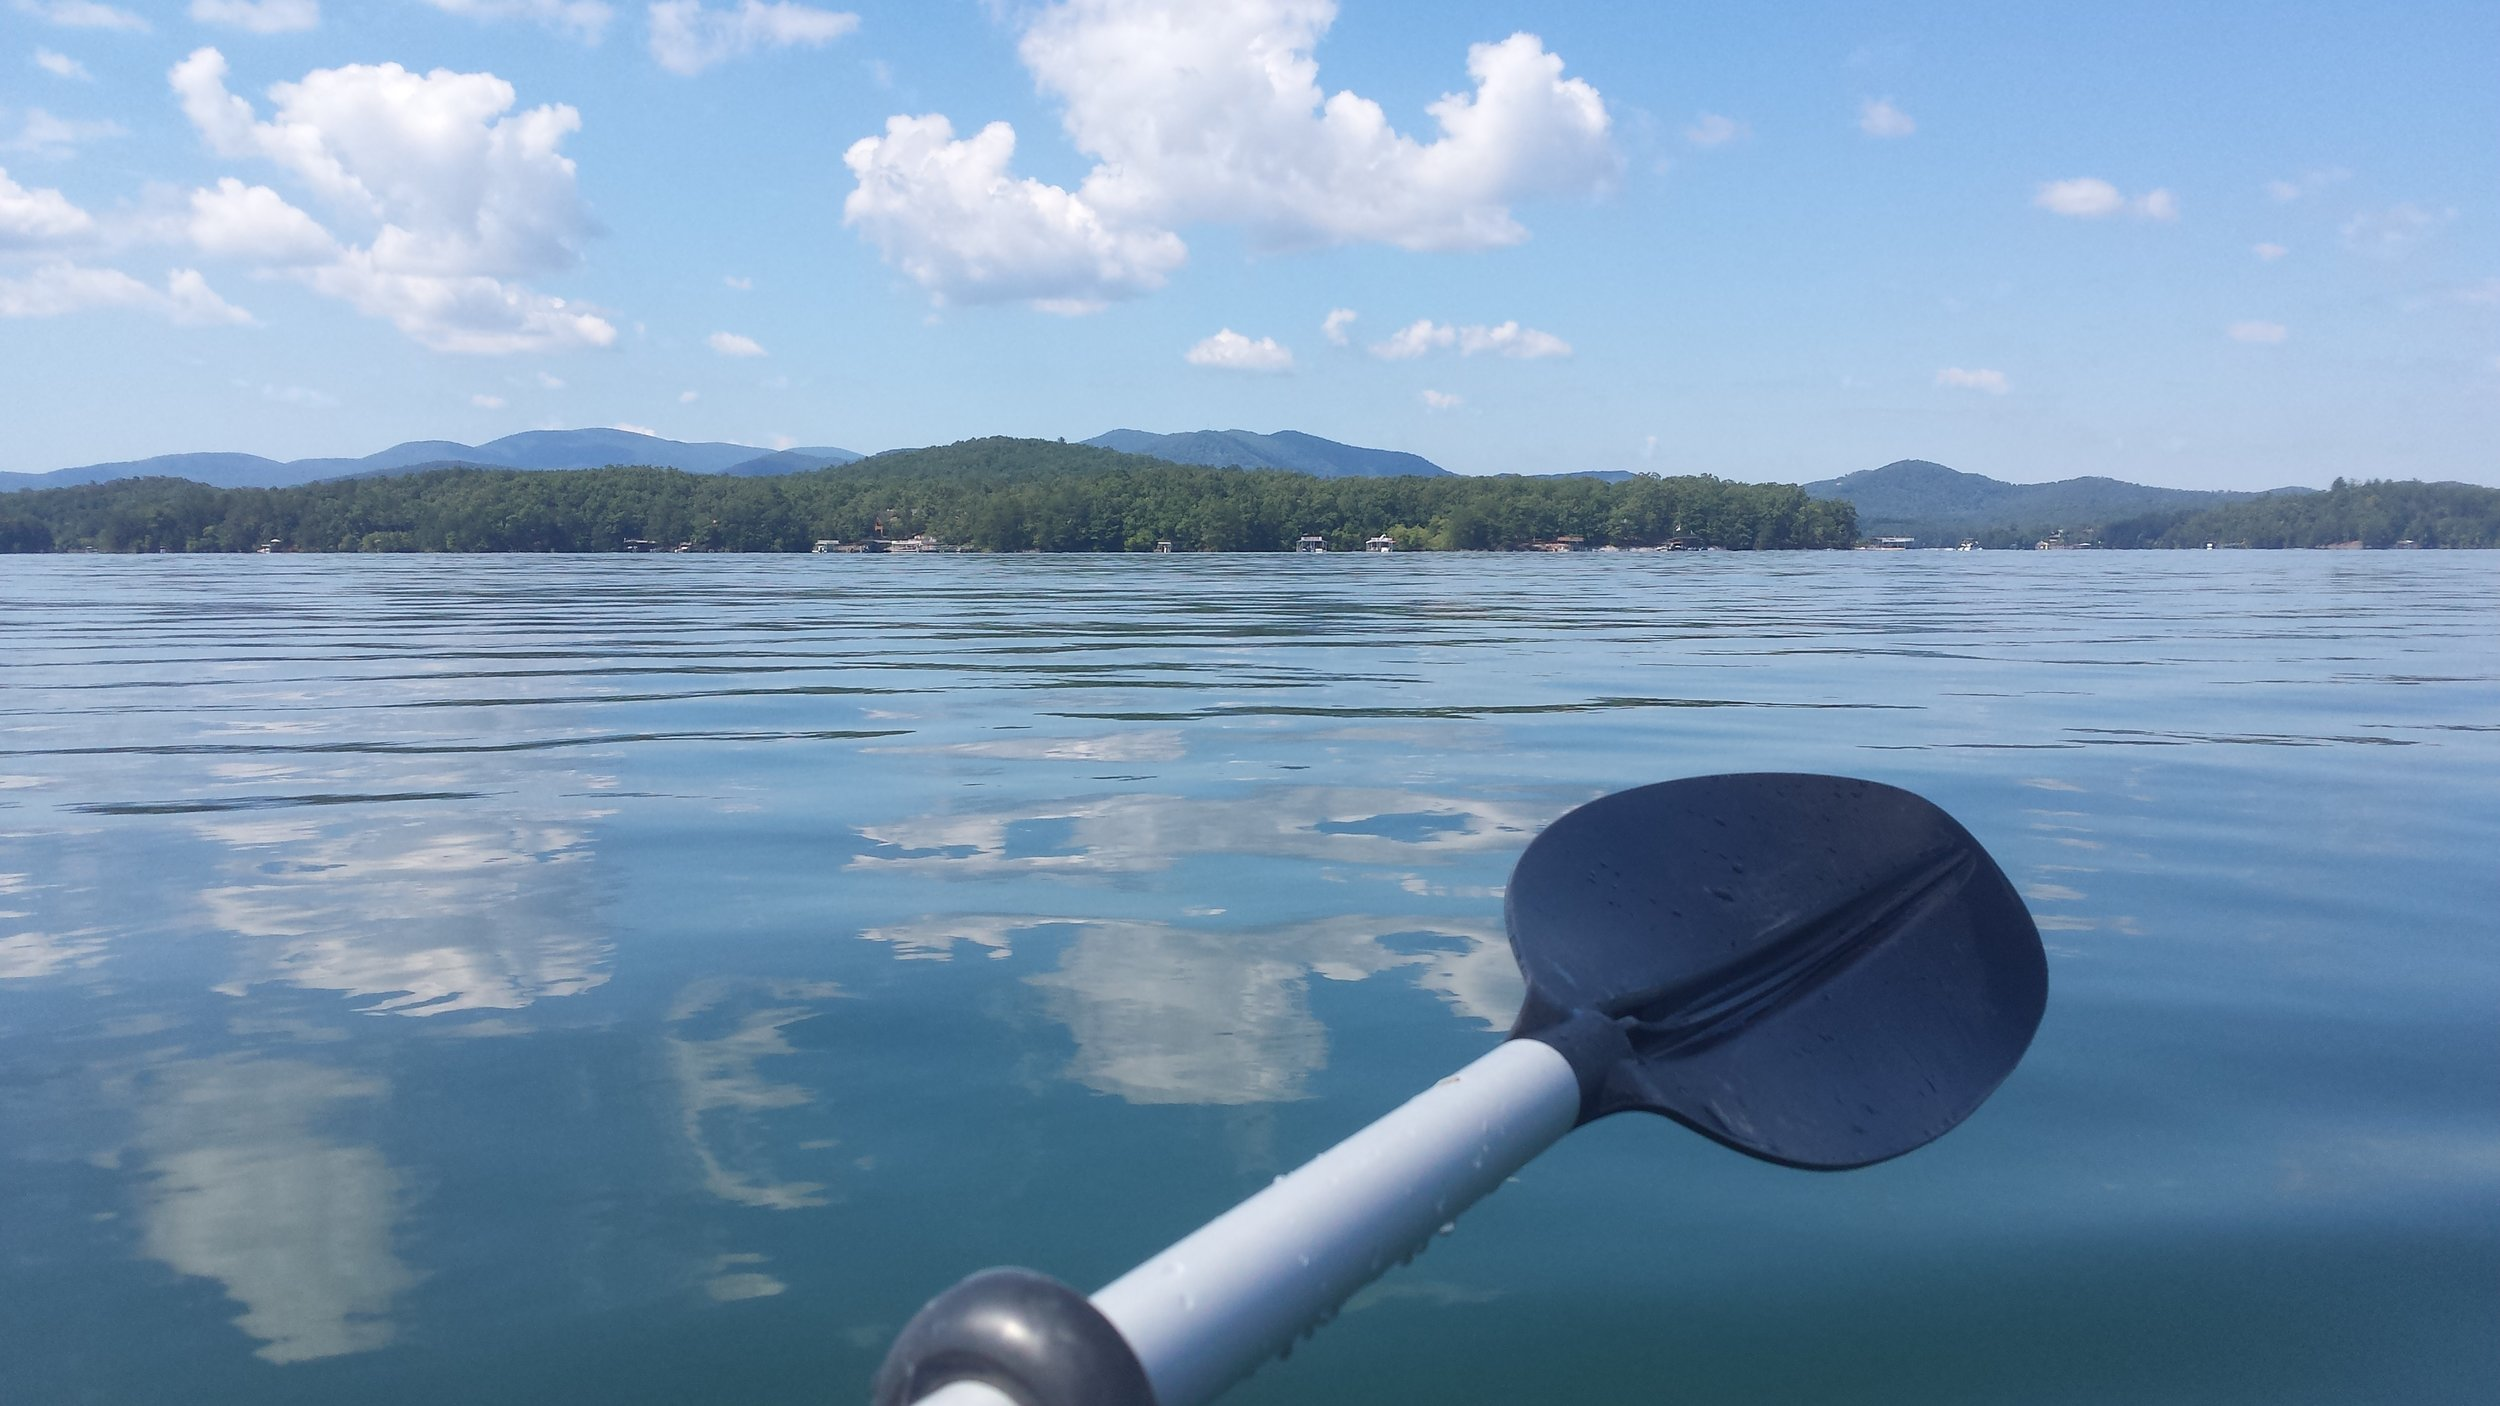 Kayaking on Lake Blue Ridge, Georgia